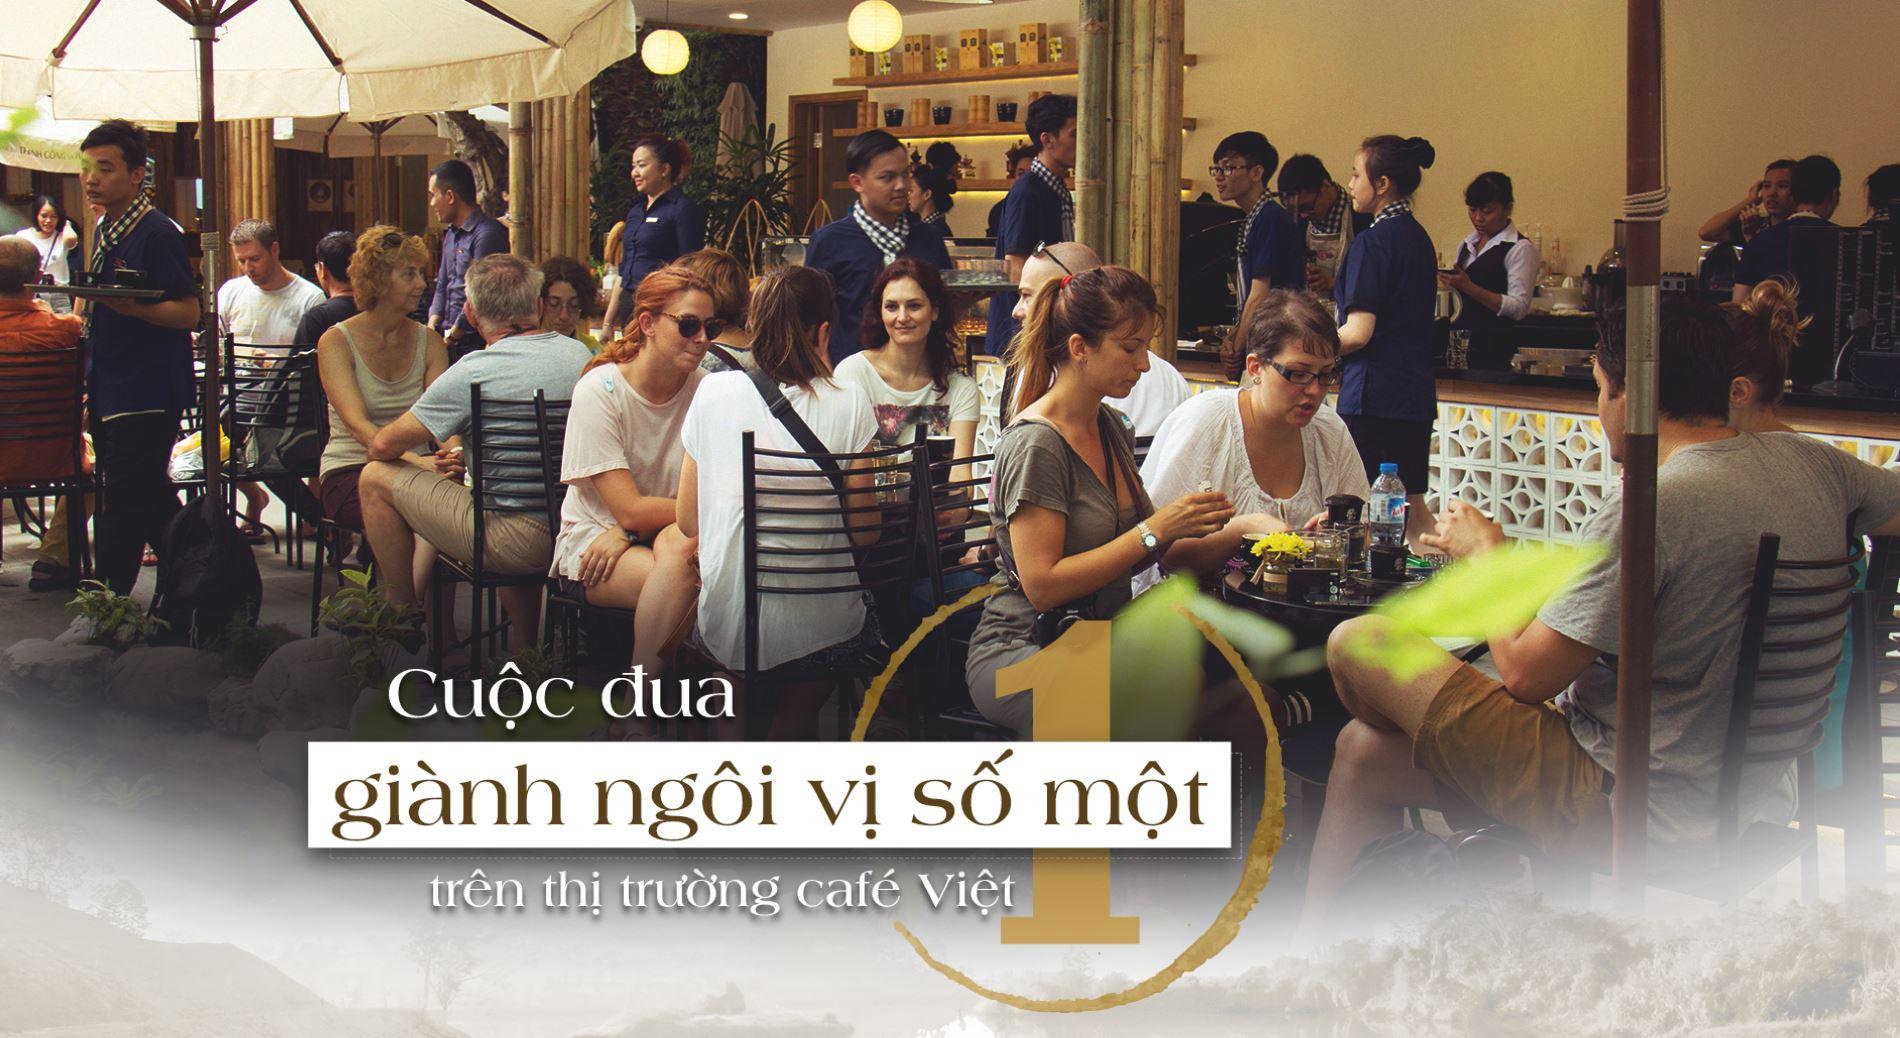 Cuộc đua giành ngôi vị số một trên thị thường café Việt